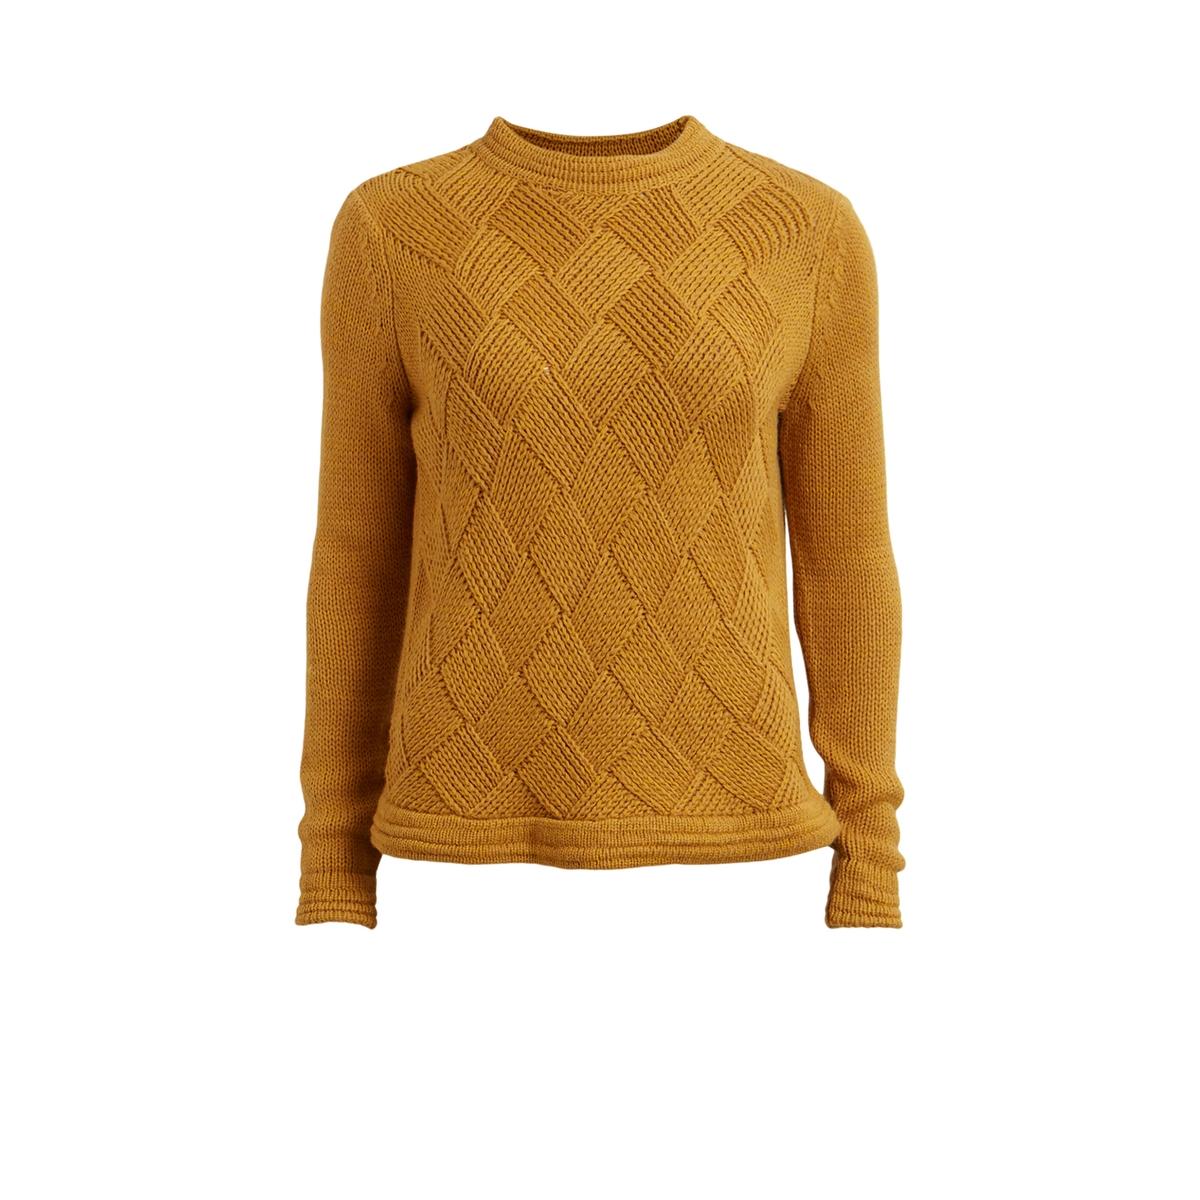 Пуловер, вязка сетка, VIWAVES TOPСостав и описание:Марка: VILA.Модель: VIWAVES TOP.Материал: 62% акрила, 28% хлопка, 10% шерсти.Уход:- Ручная стирка.<br><br>Цвет: горчичный<br>Размер: XS